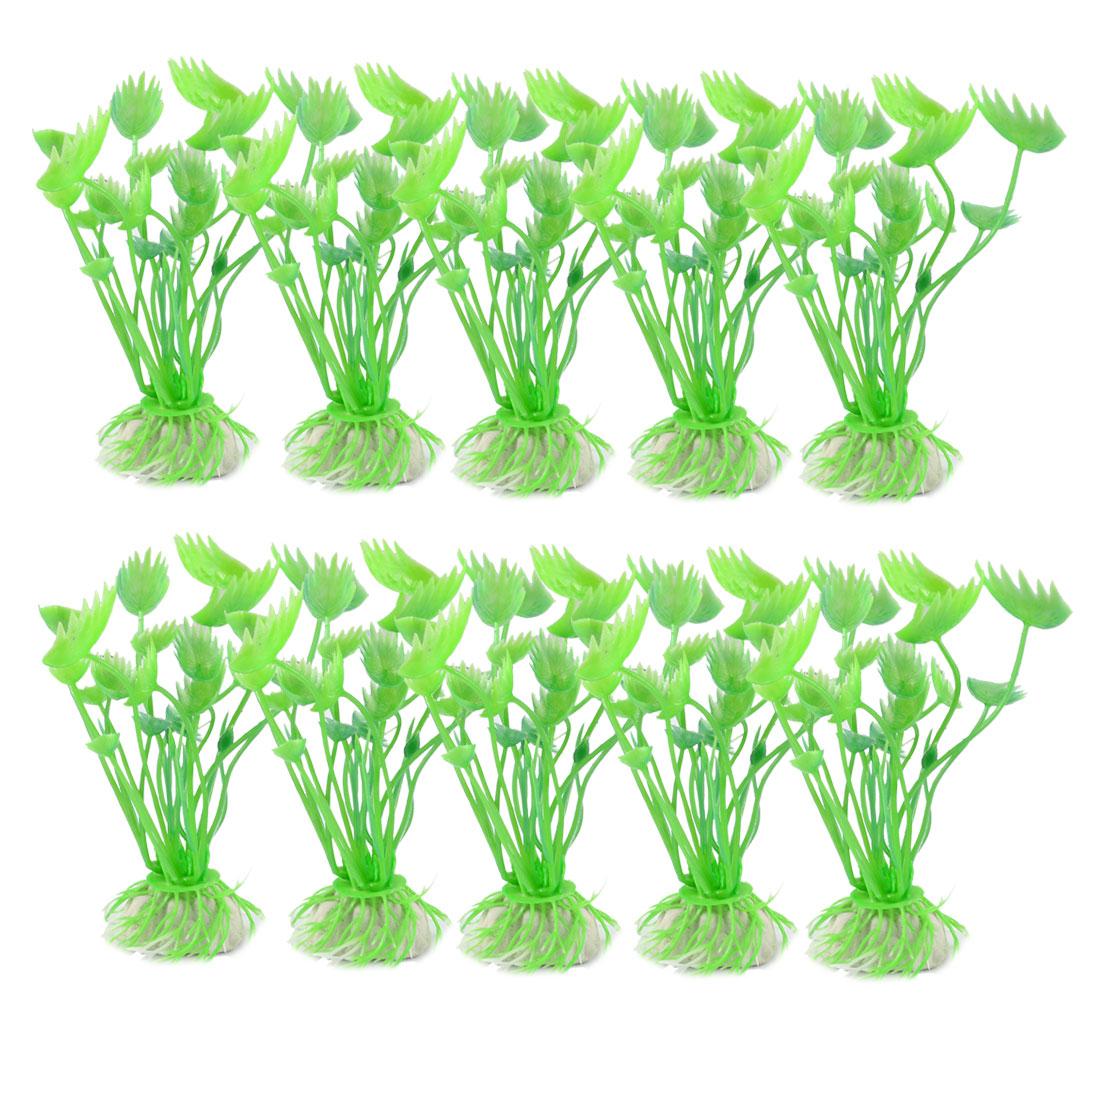 """10 Pcs 3.5"""" Height Plastic Aquatic Plants Grass Green for Aquarium Fish Tanks"""